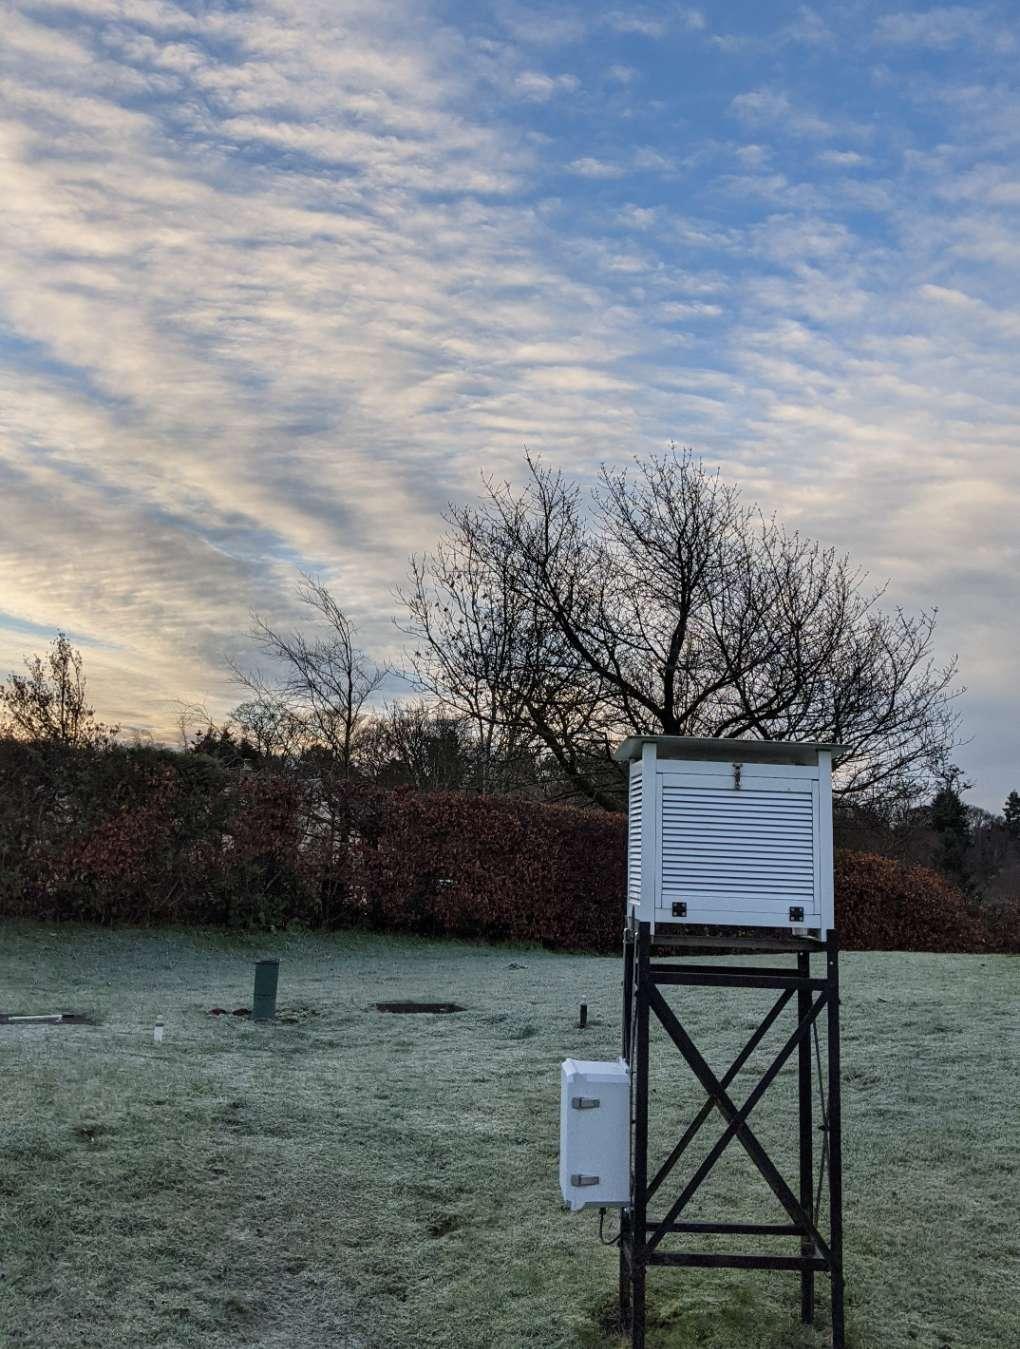 Sunrise Brampton, Cumbria,, sent by Cumbrian Snowman